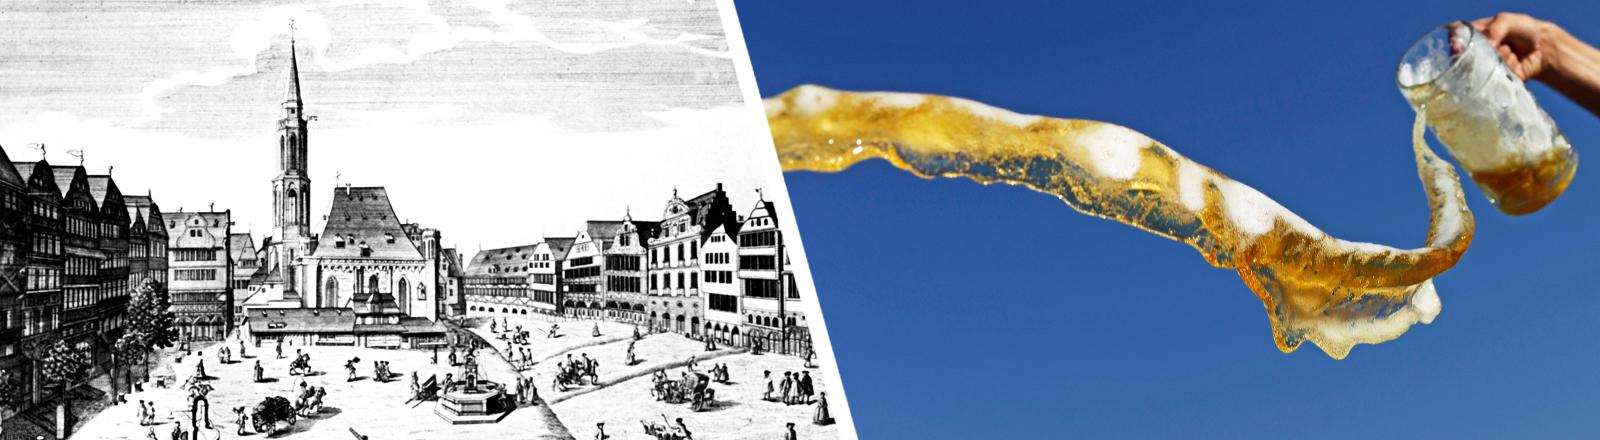 Collage: historisches Bild Frankfurt, ausgeschüttetes Bier